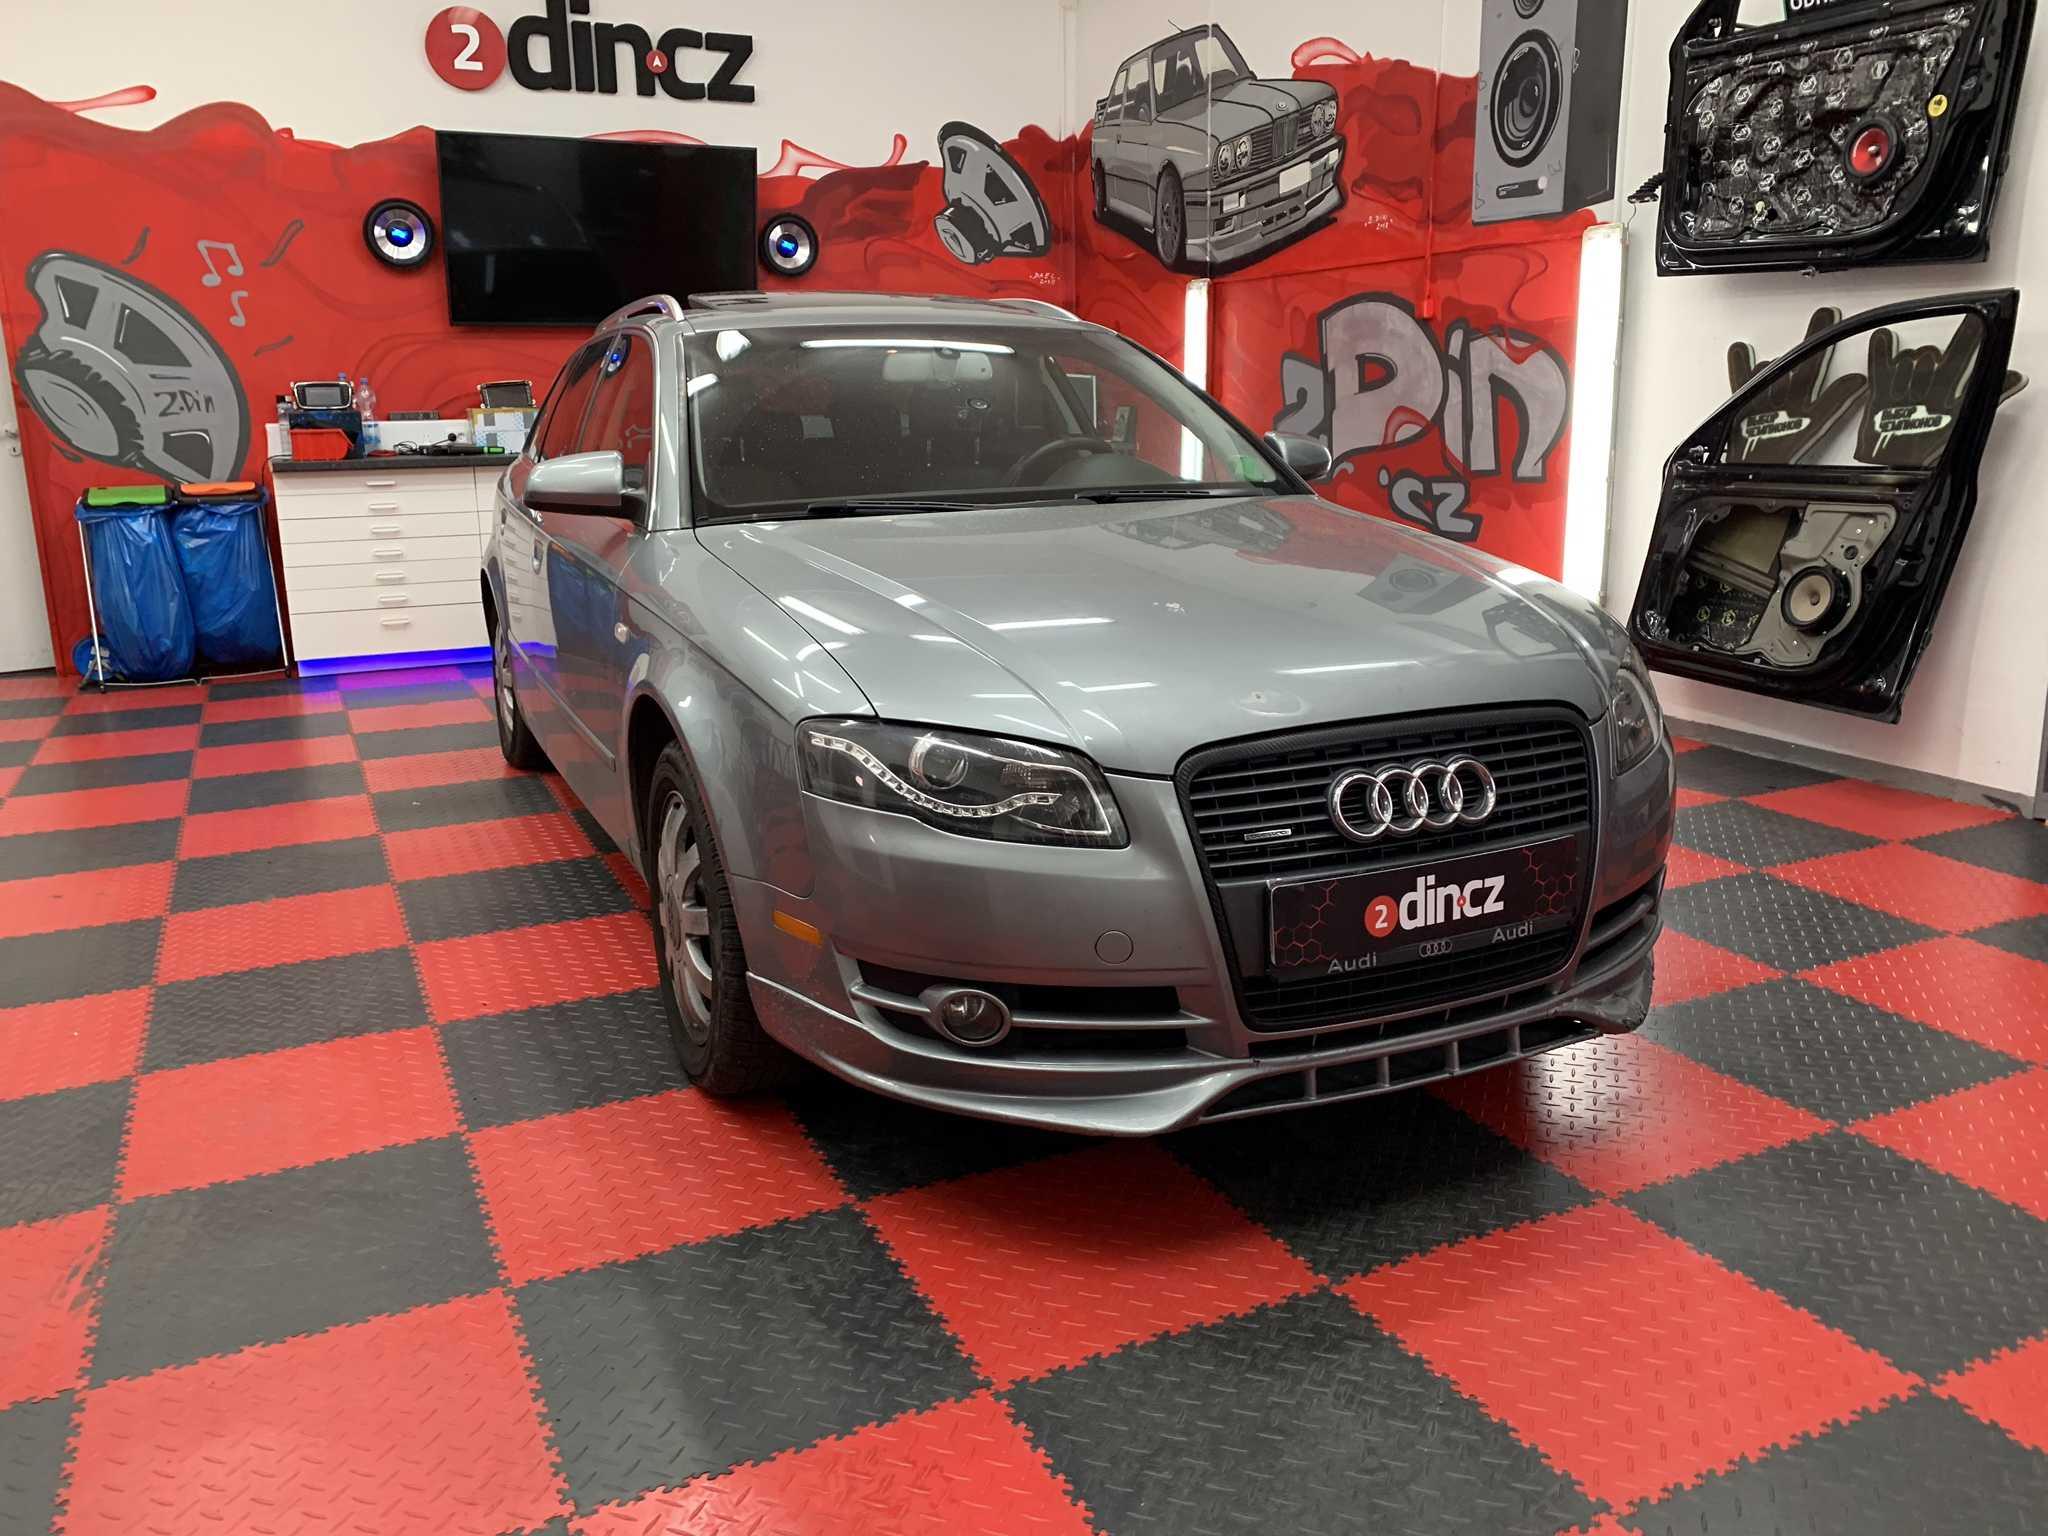 Audi A4 - Vytlumení dveří a dozapojení sound systému